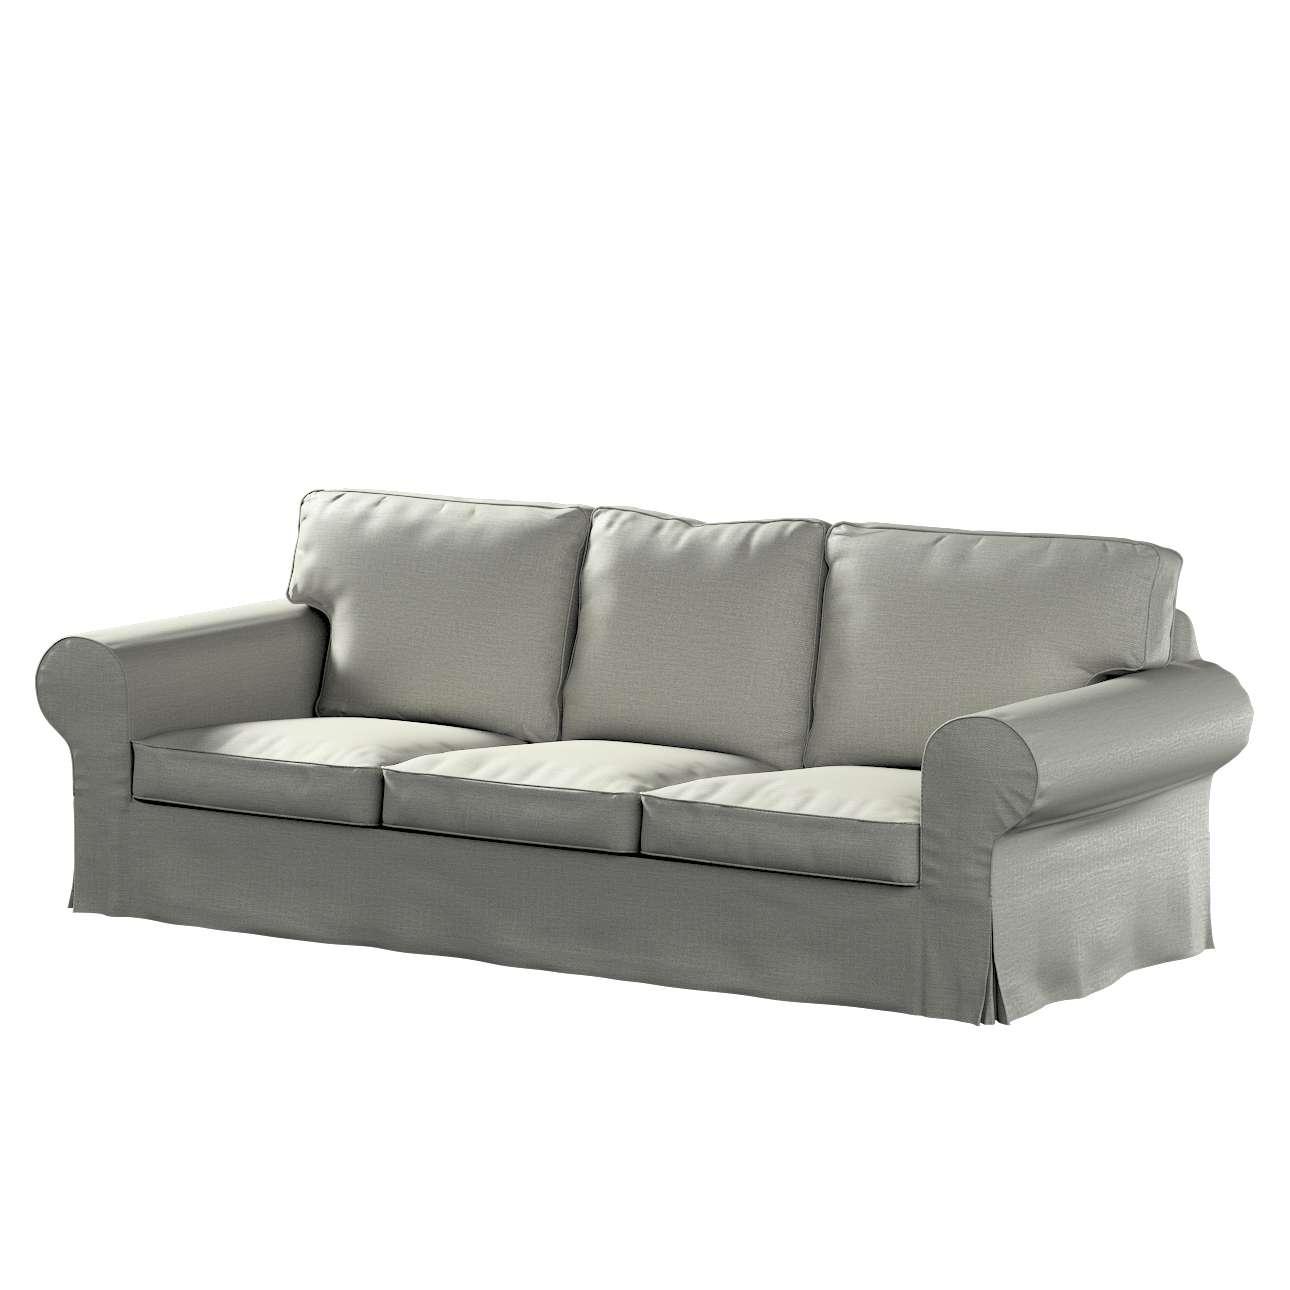 Pokrowiec na sofę Ektorp 3-osobową, rozkładaną w kolekcji Bergen, tkanina: 161-83